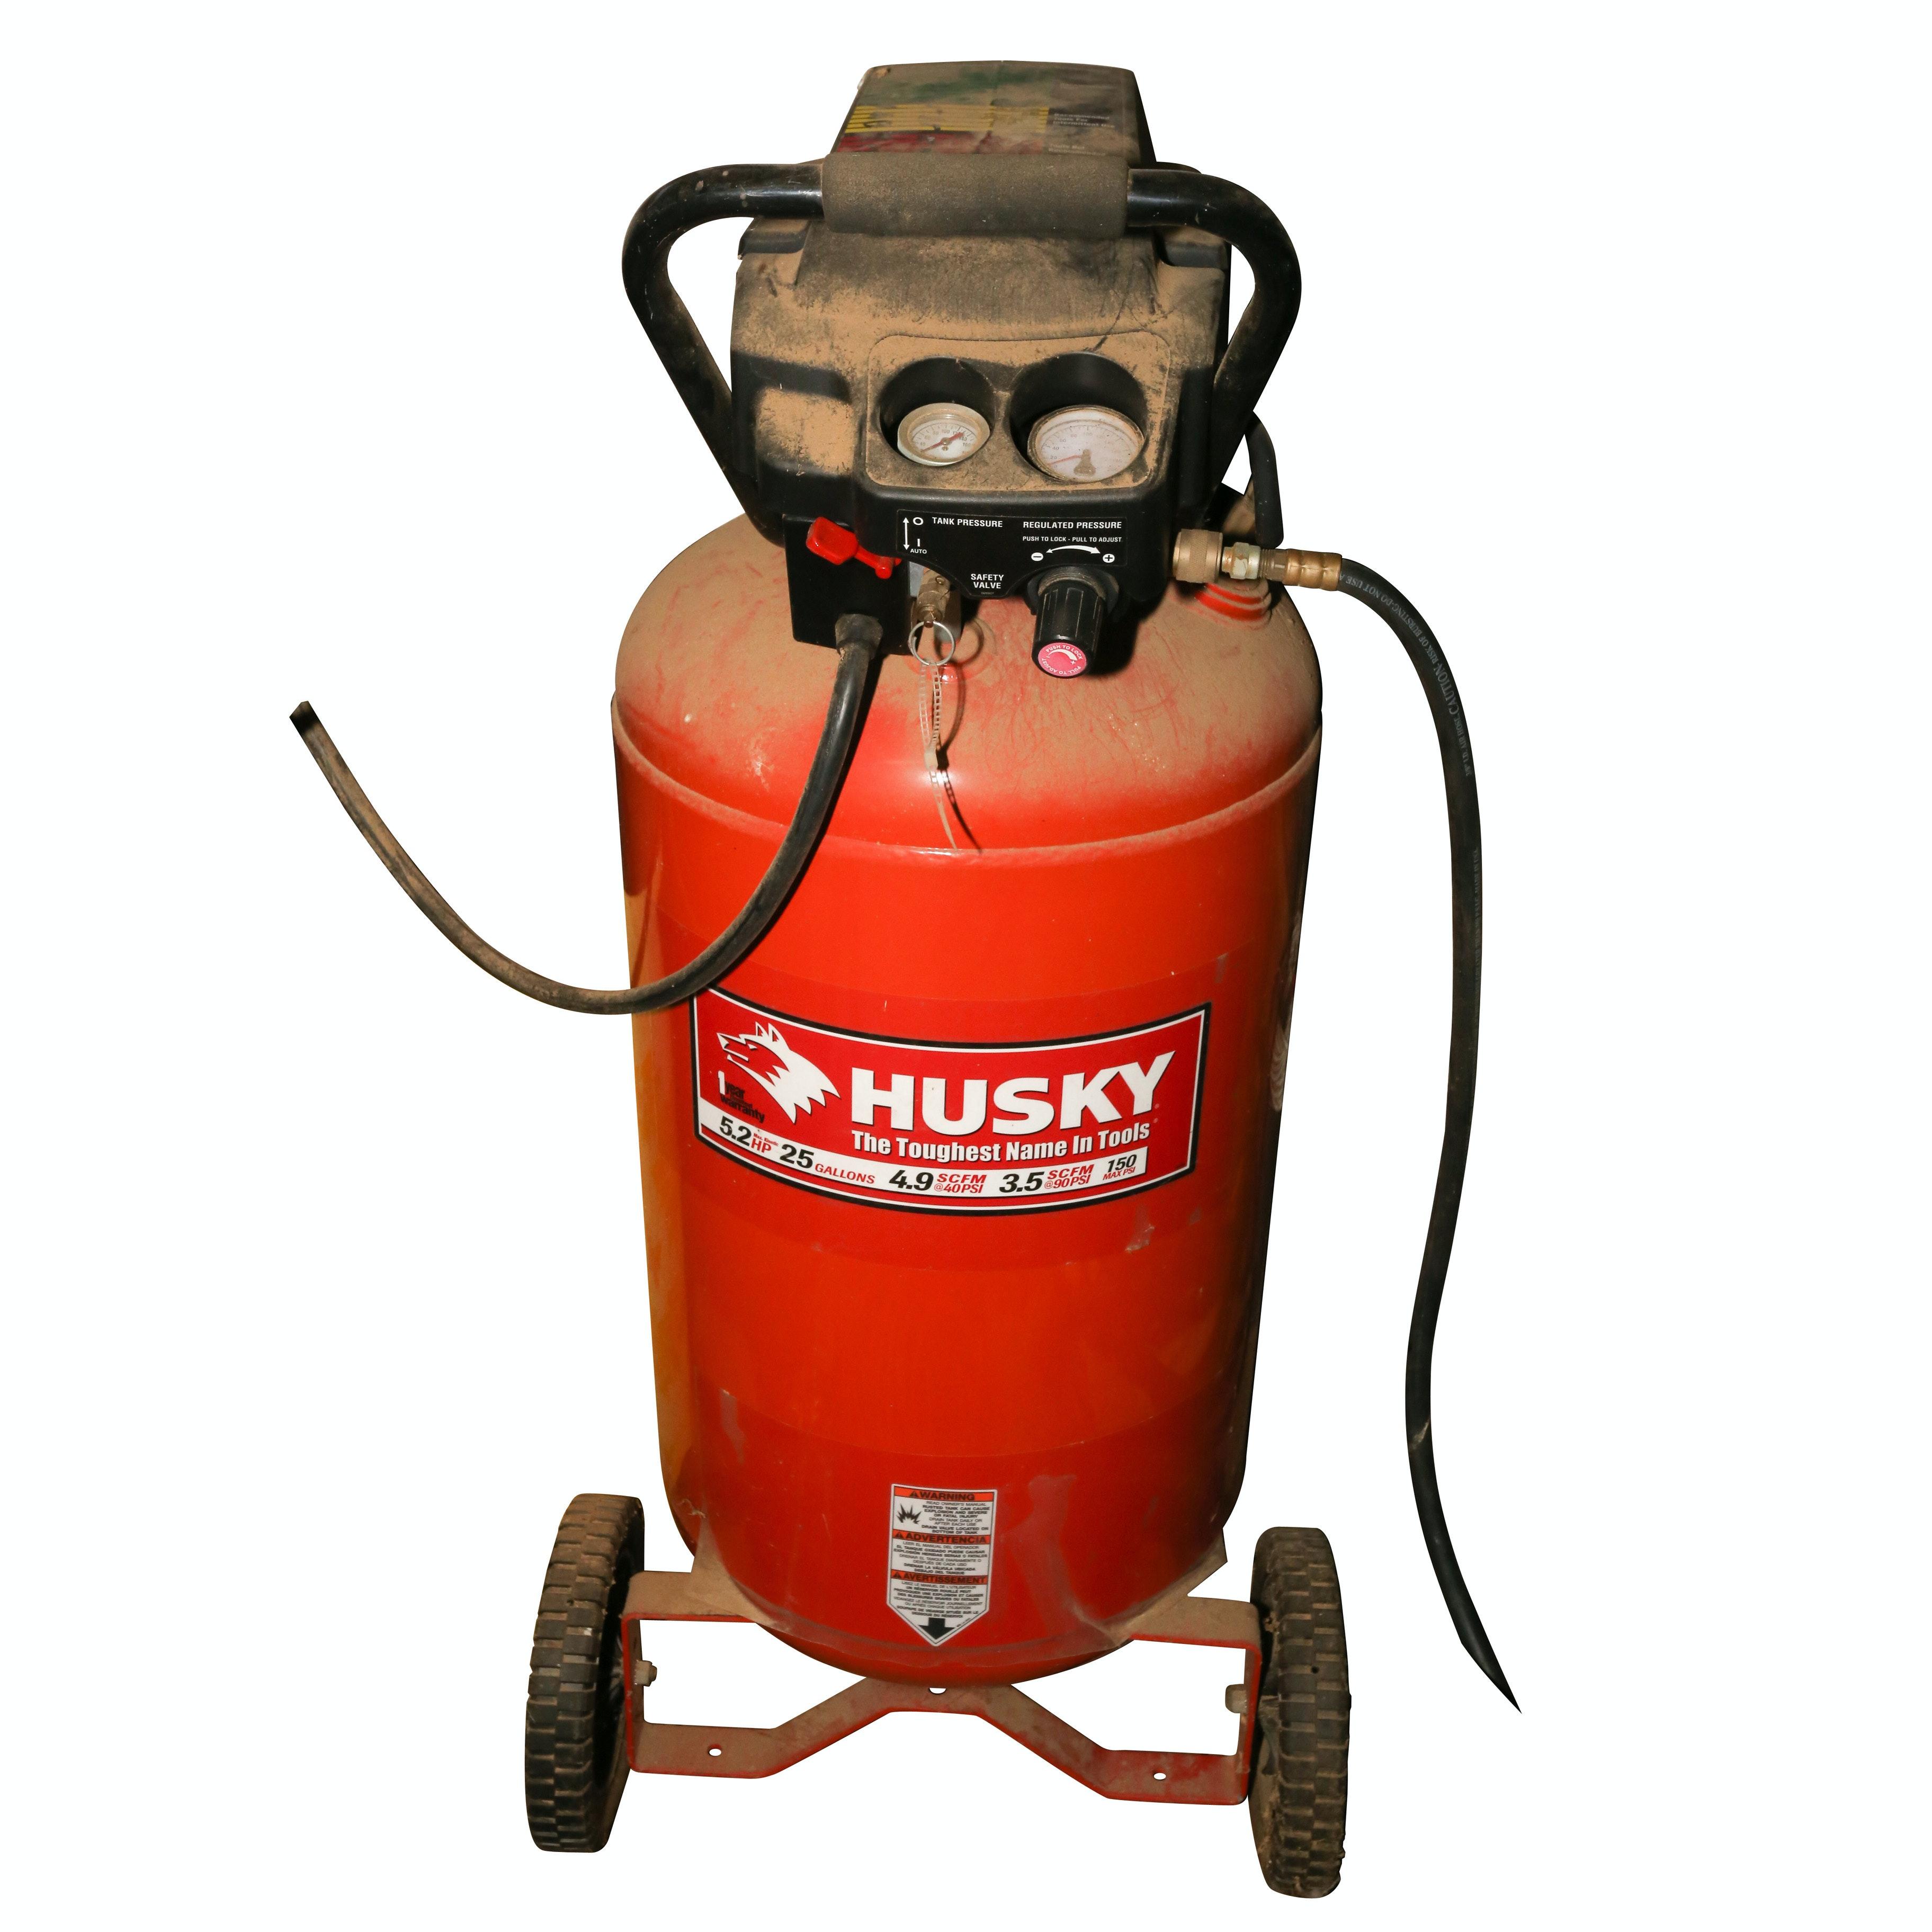 Husky 25 Gallon Air Compressor